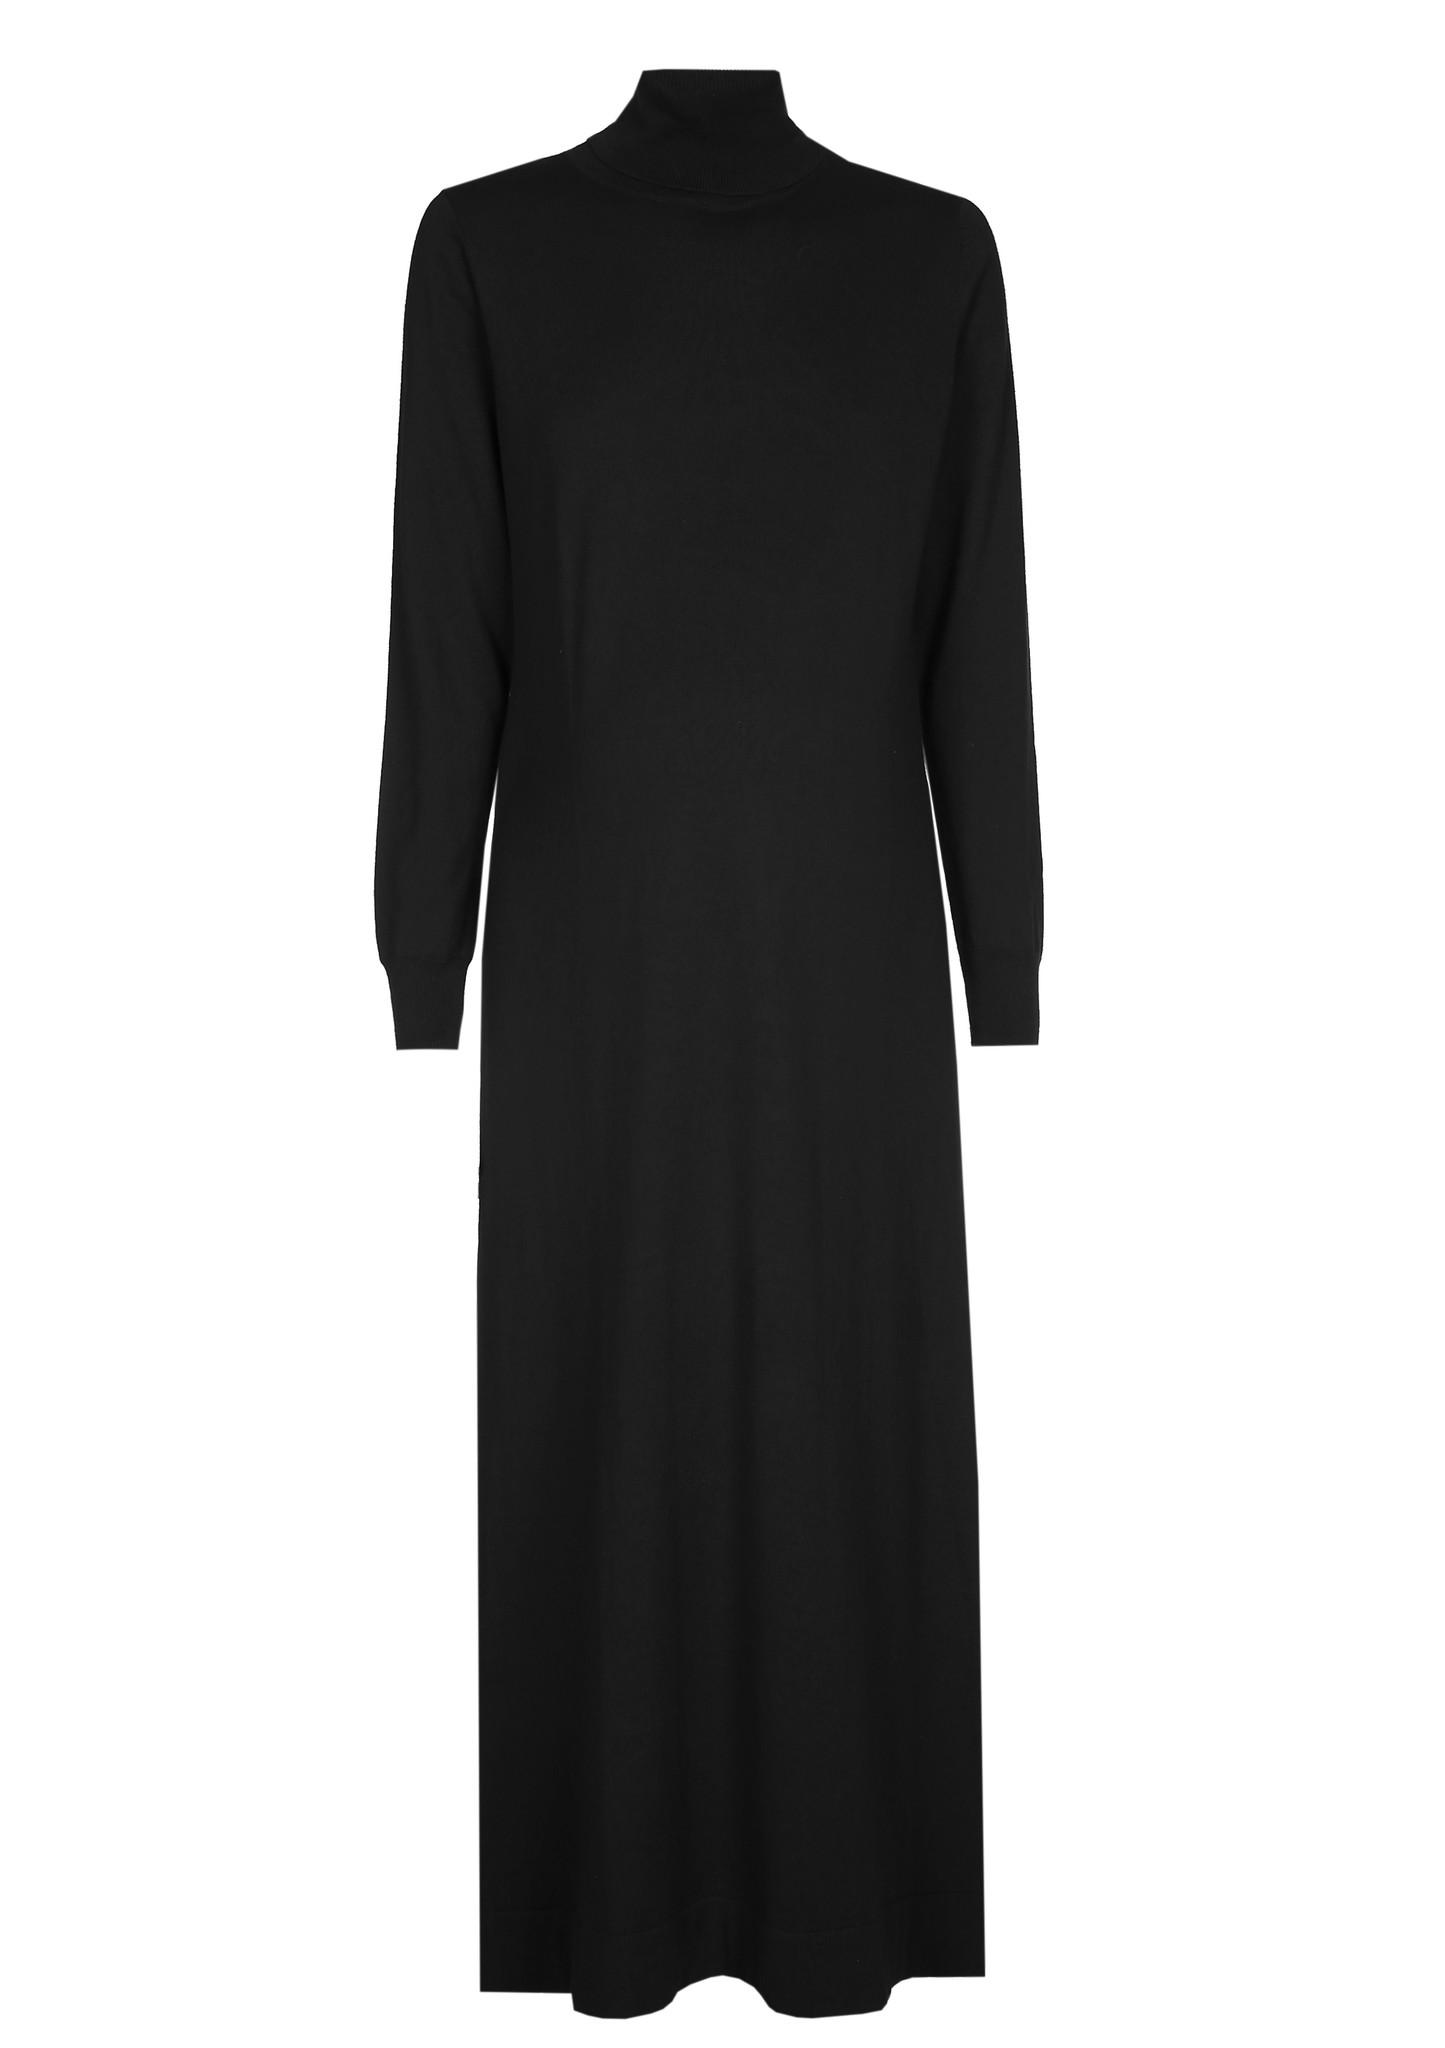 long knitted dress - black-2